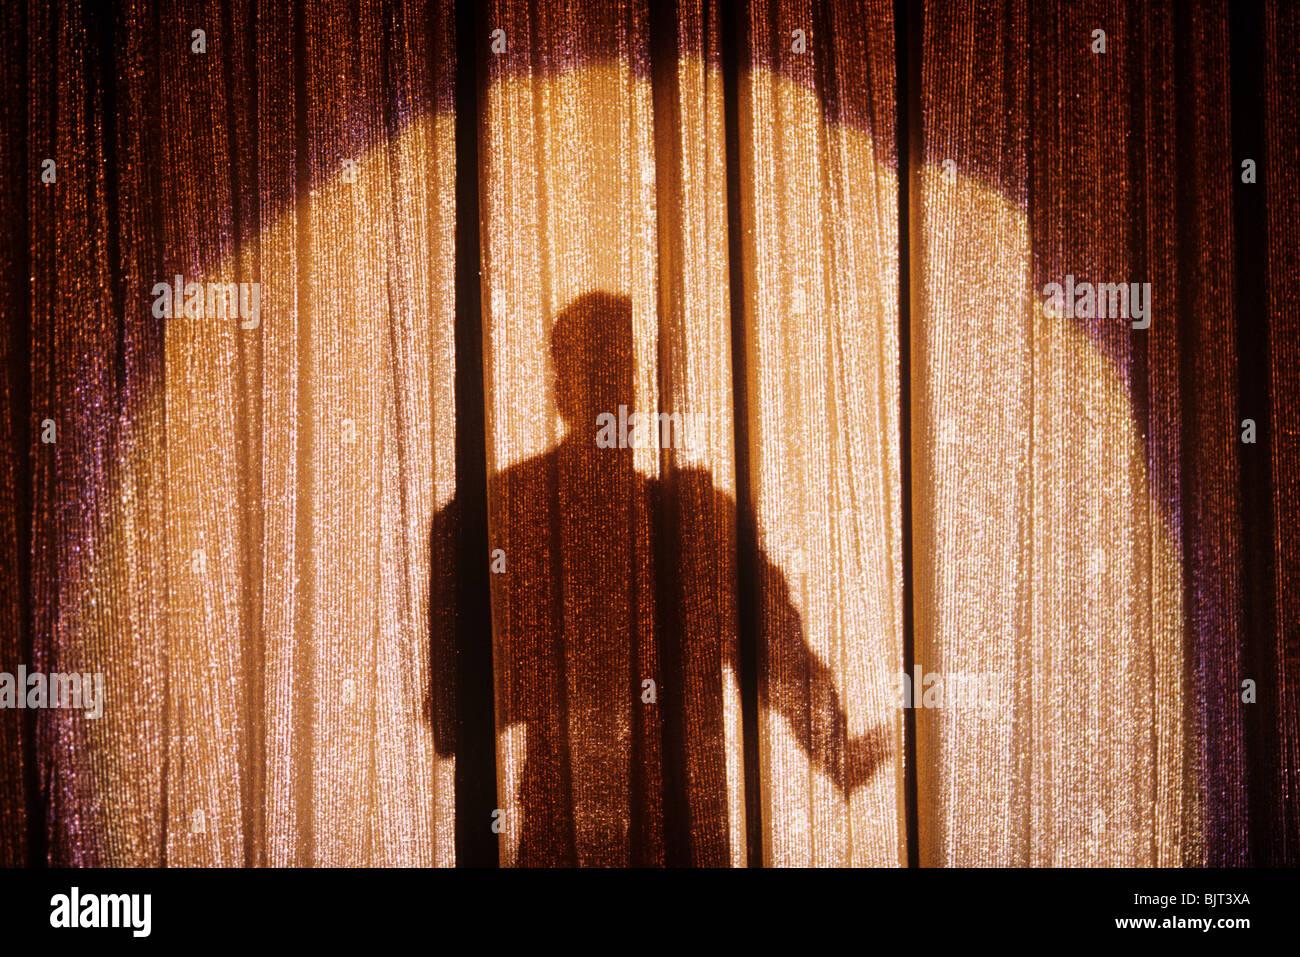 Sombra de una persona en un telón de escena Imagen De Stock